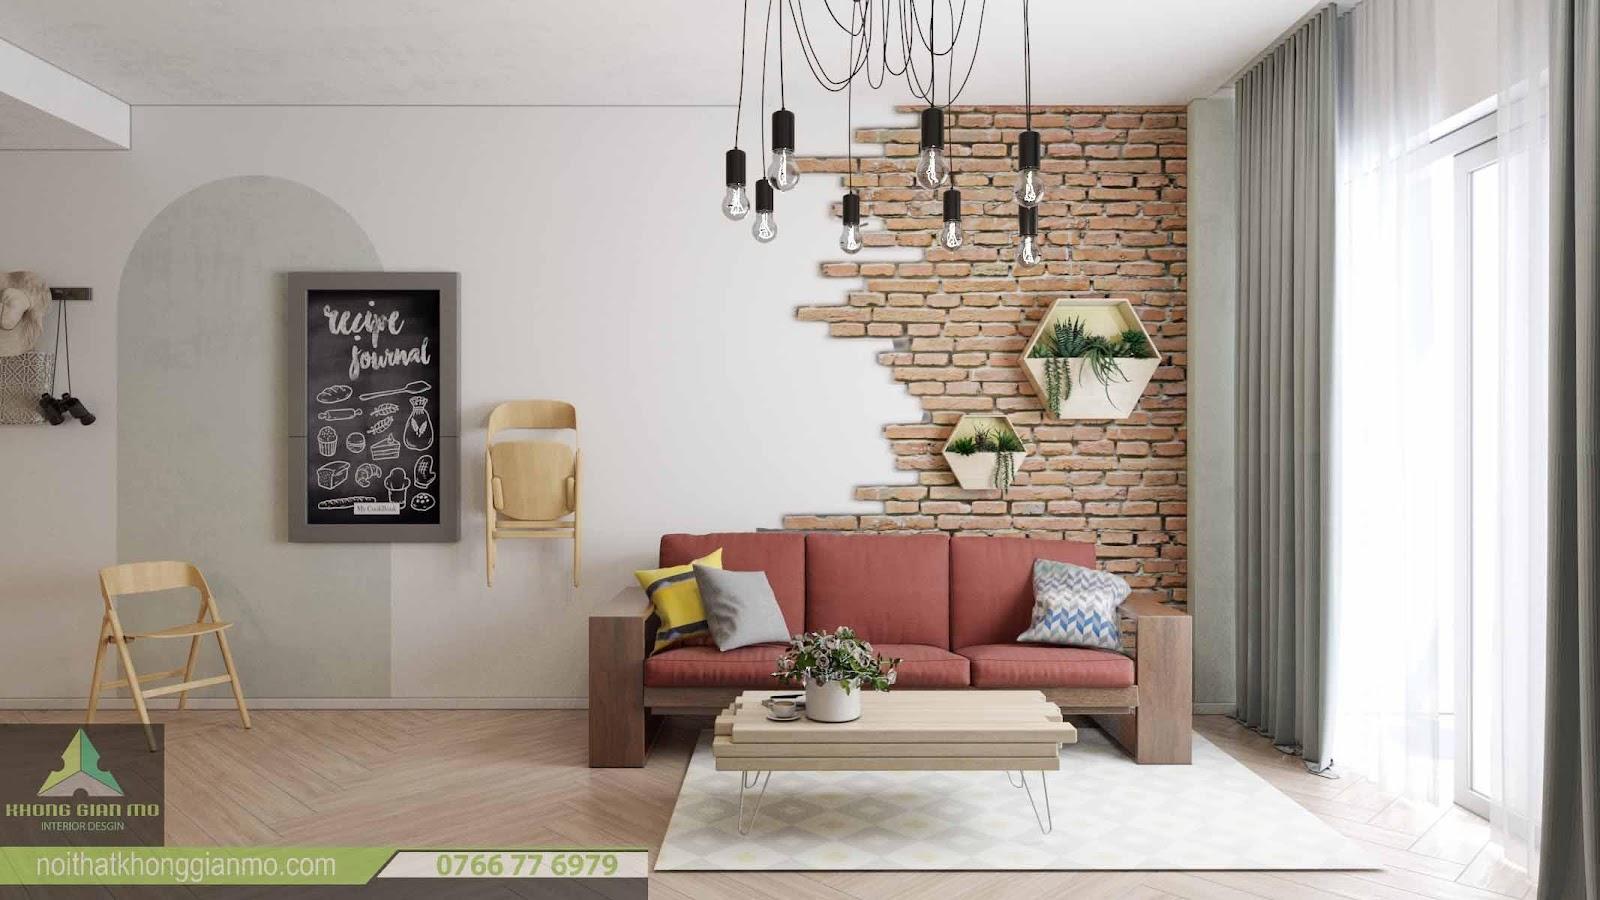 Lựa chọn thiết kế nội thất đơn giản